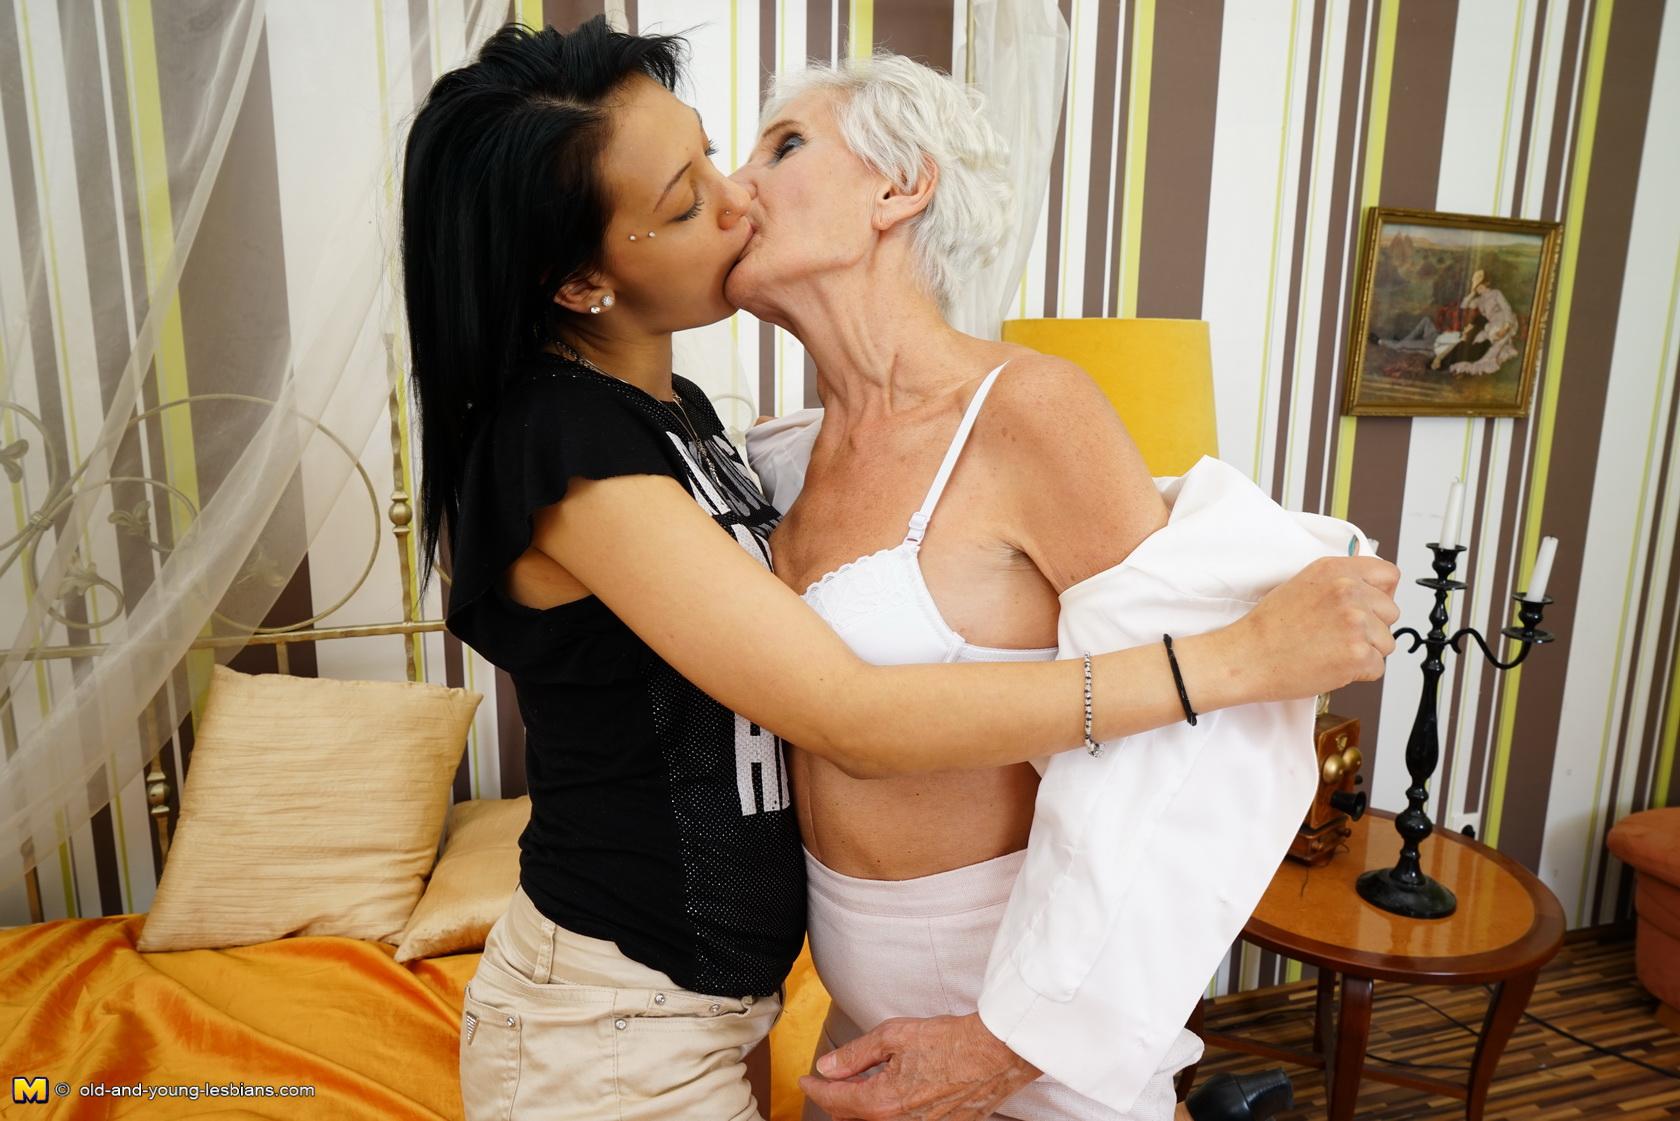 Real Lesbian Amateur Couple